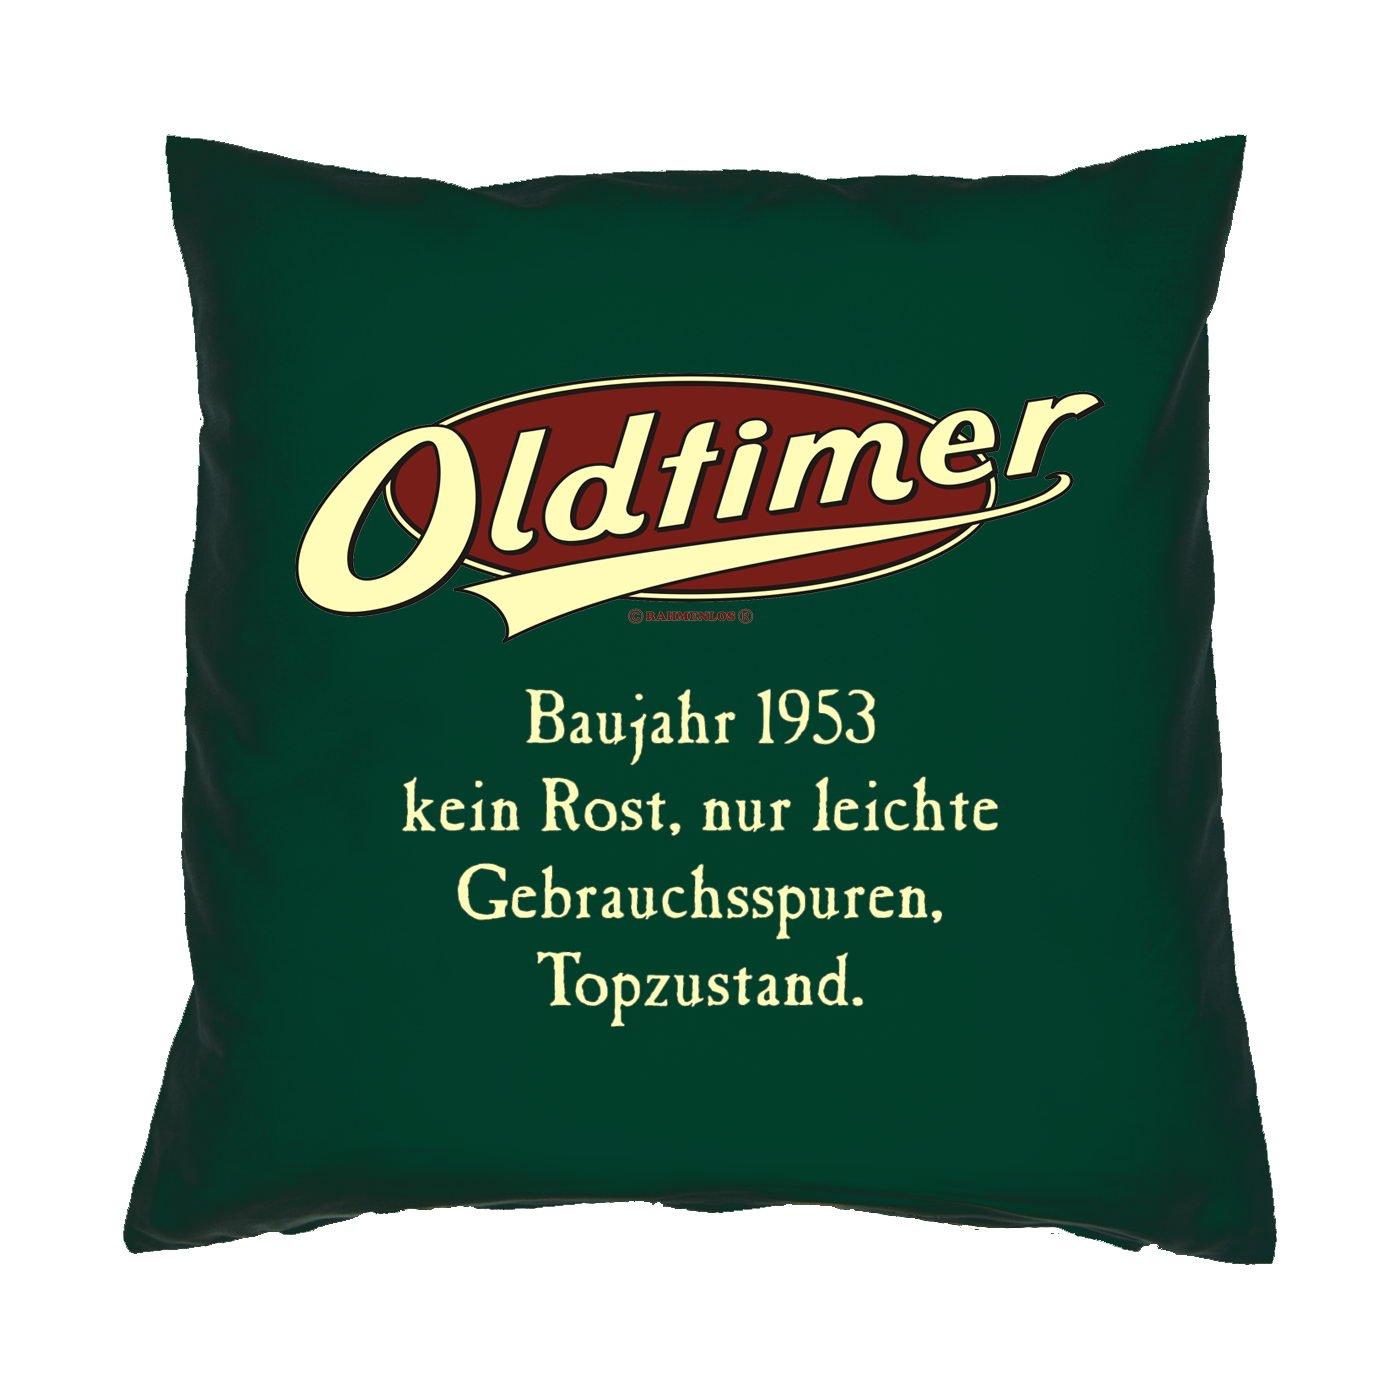 Kissen mit Innenkissen - OLDTIMER BAUJAHR 1953 - kein Rost, nur leichte Gebrauchsspuren, Topzustand. - zum 60. Geburtstag Geschenk - 40 x 40 cm - in dunkel-grün